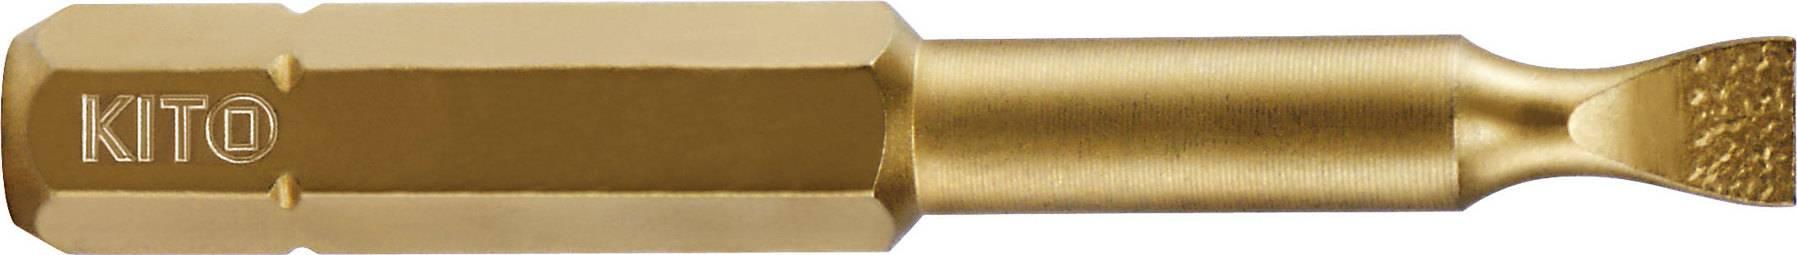 hrot, 3x50mm, S2/TiN 4821300 KITO